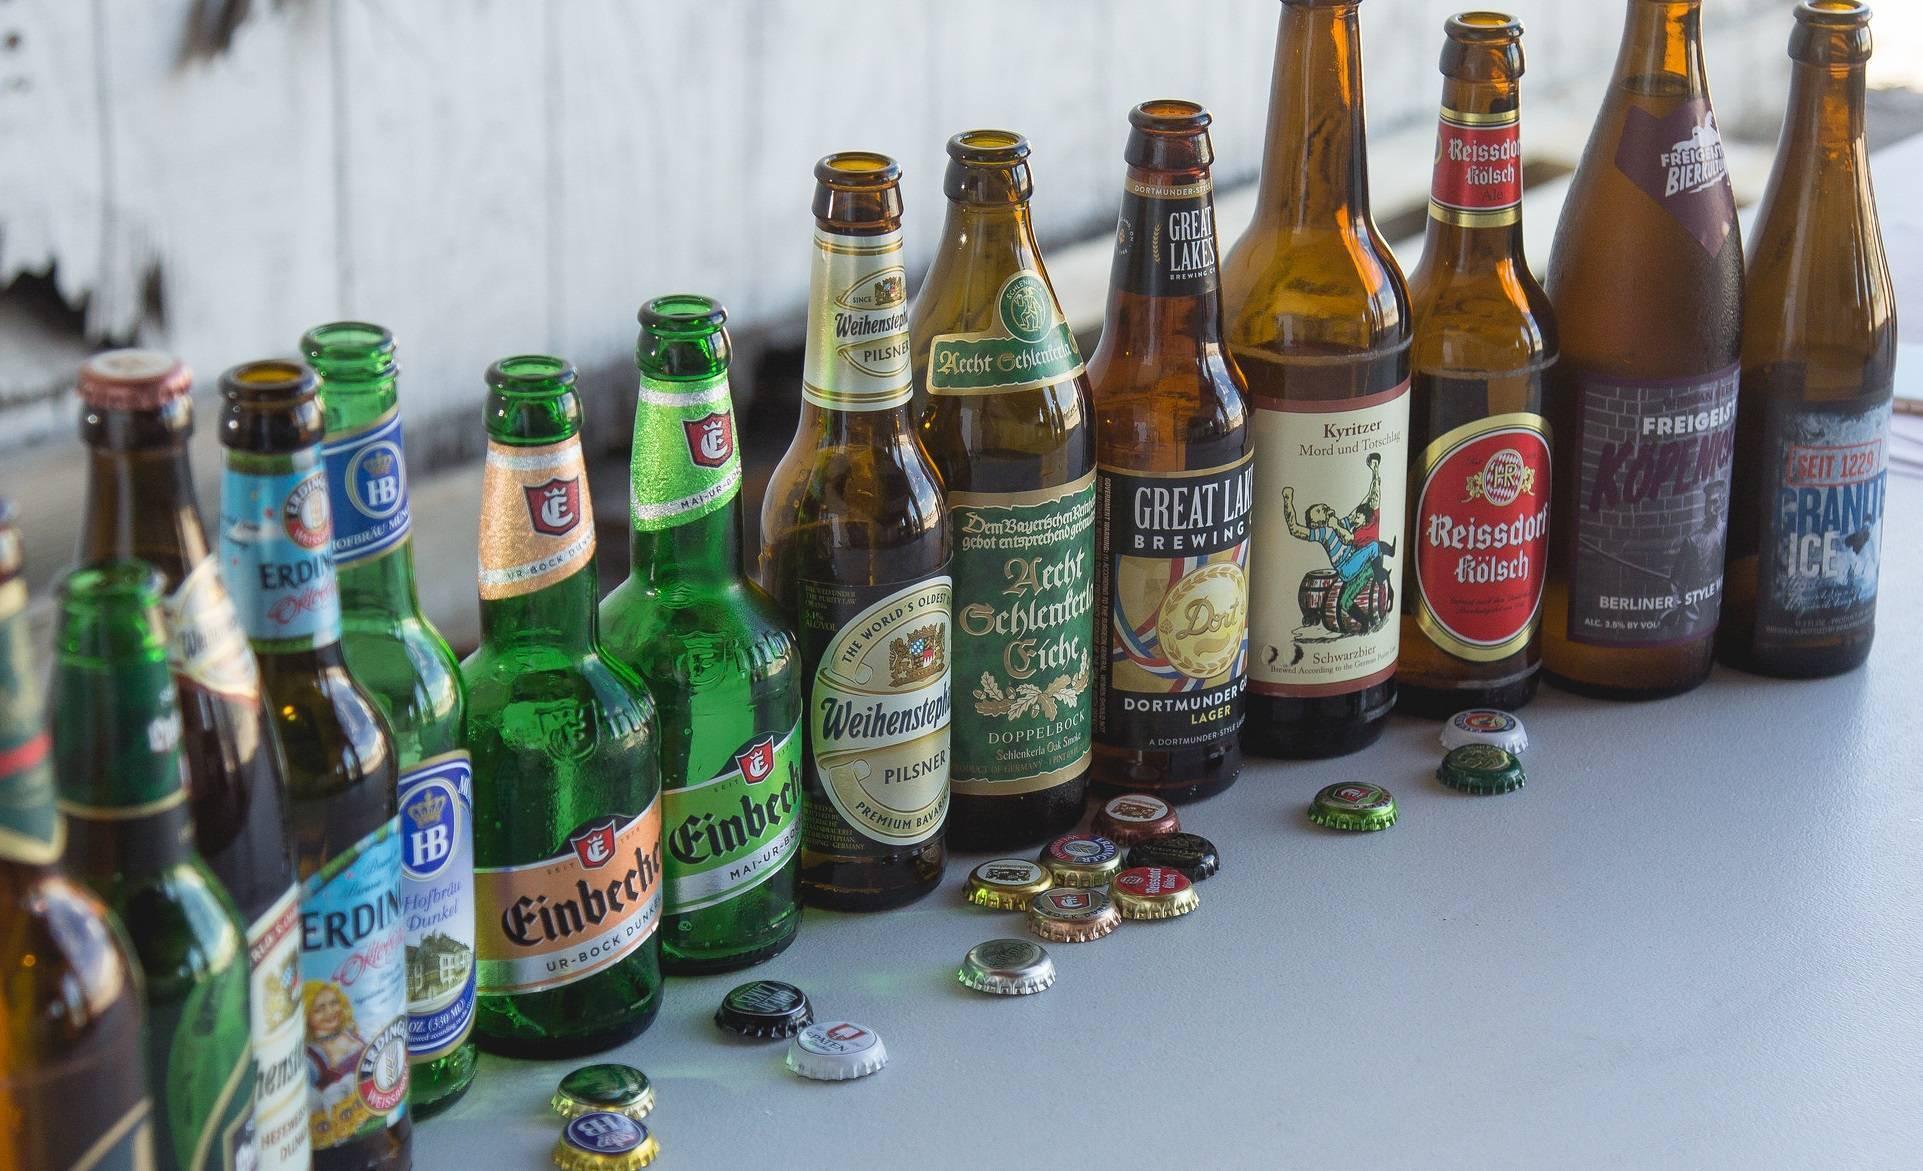 Голландское пиво: история, где лучше пробовать